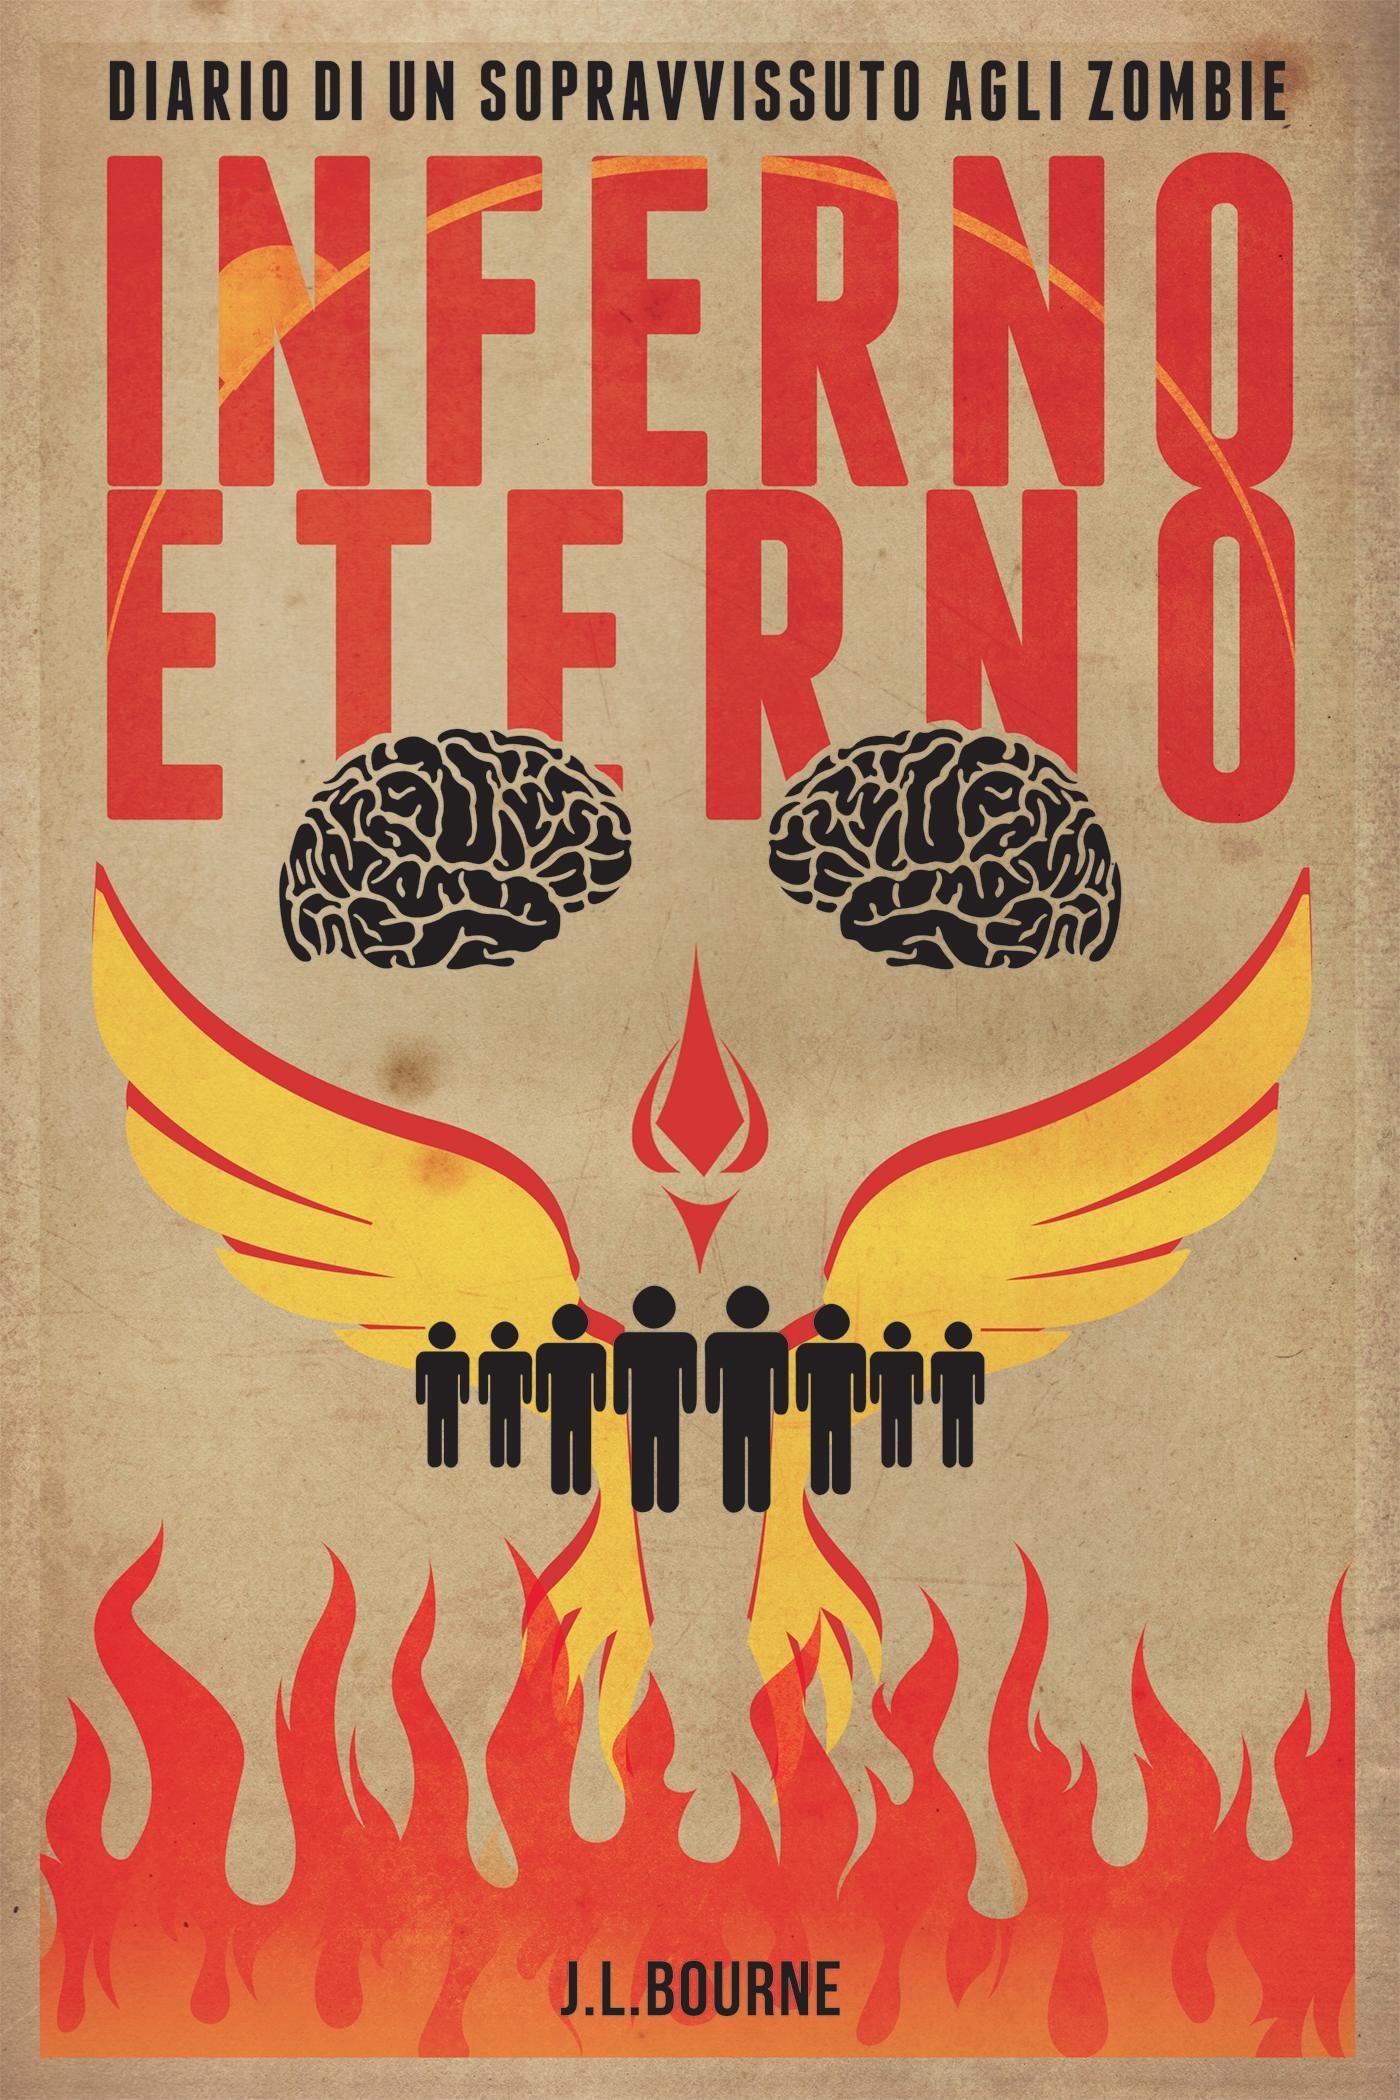 Inferno eterno